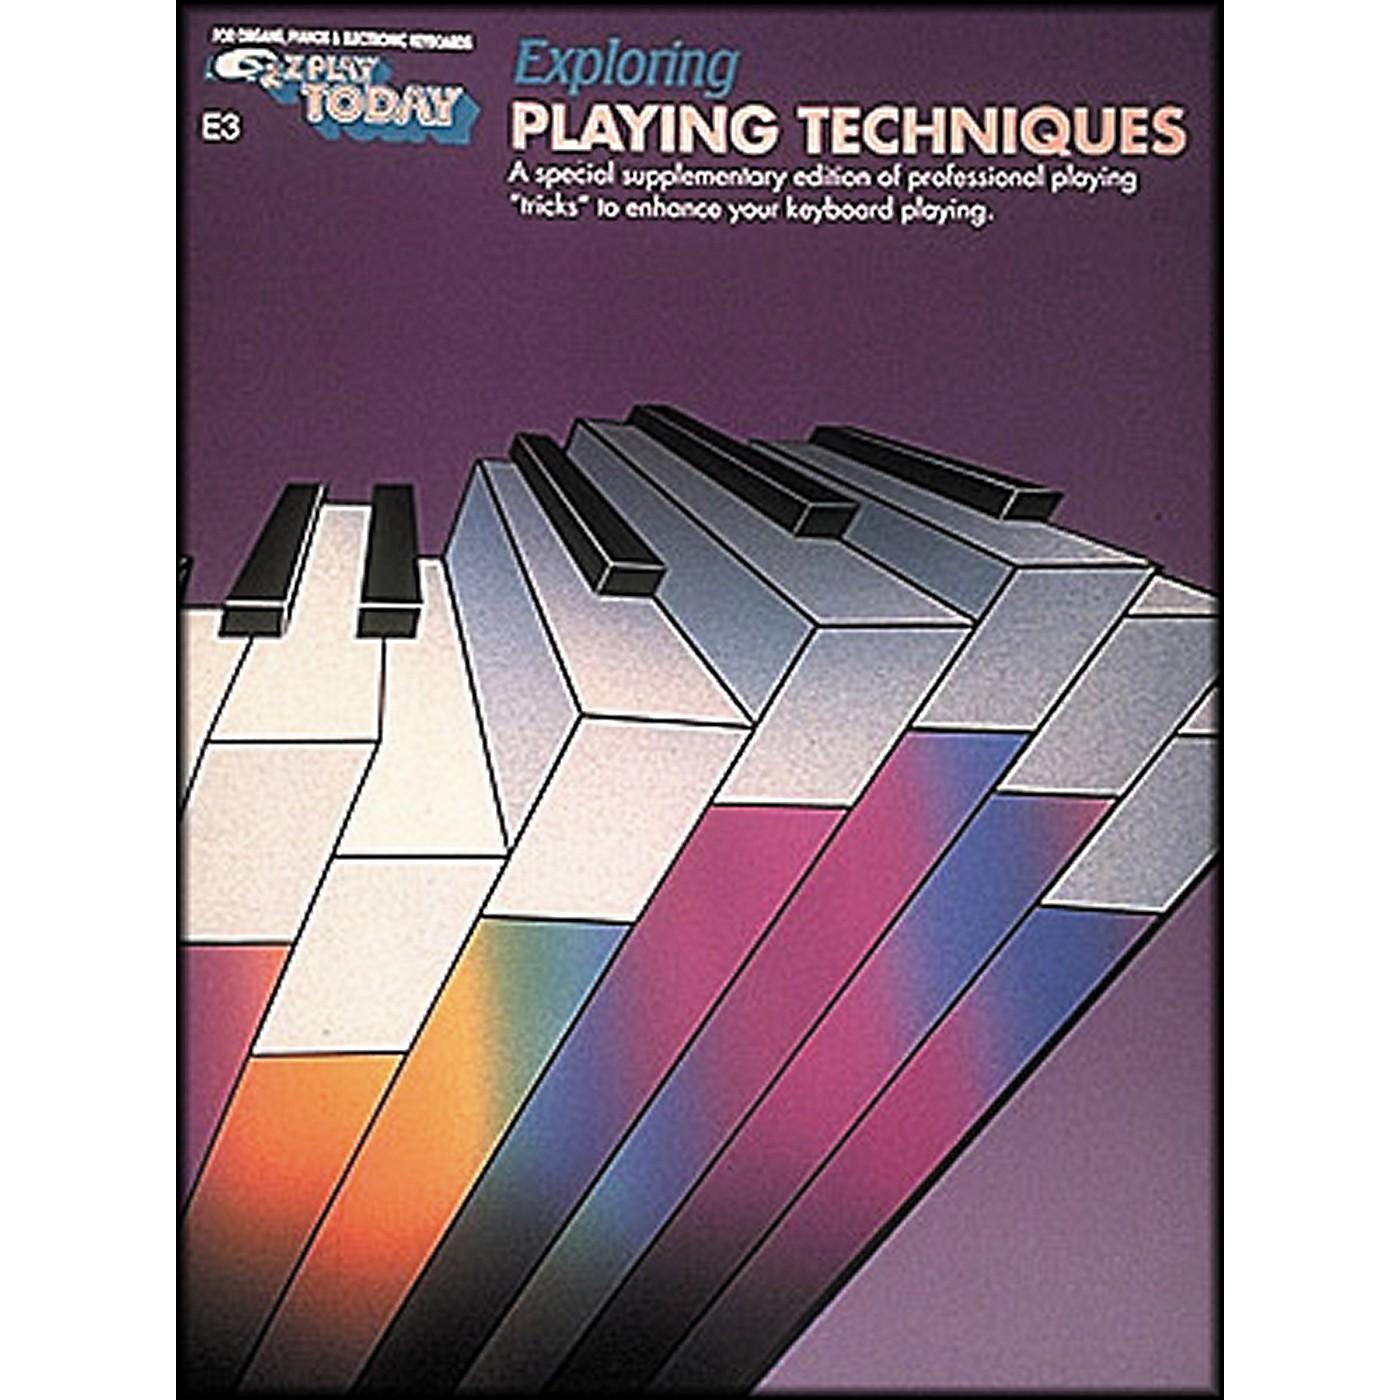 Hal Leonard Exploring Playing Techniques E3 E-Z Play thumbnail